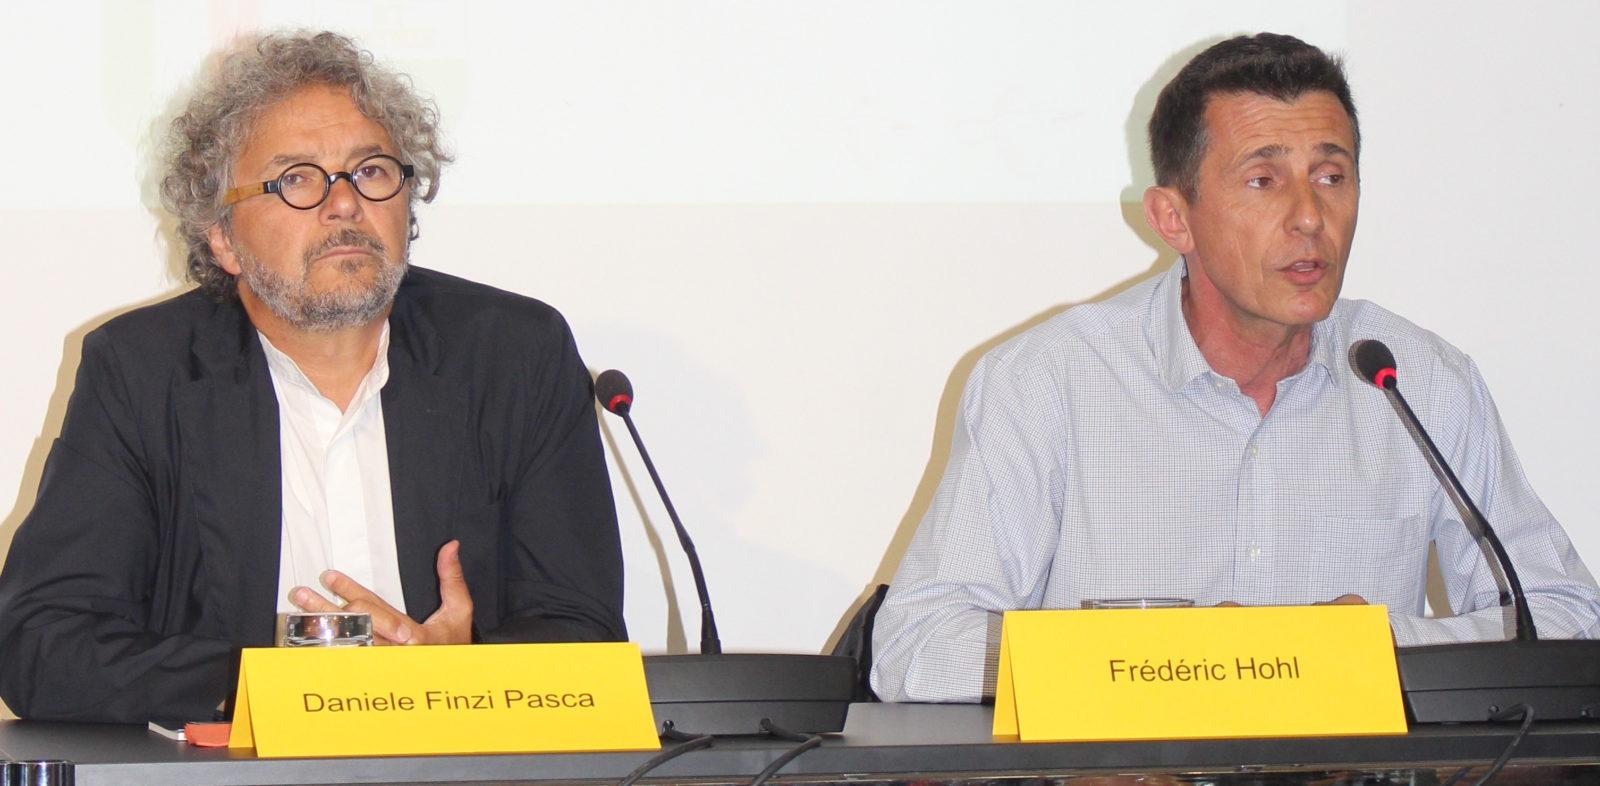 Fête des Vignerons Vevey Frédéric Hohl Daniele Finzi Pasca